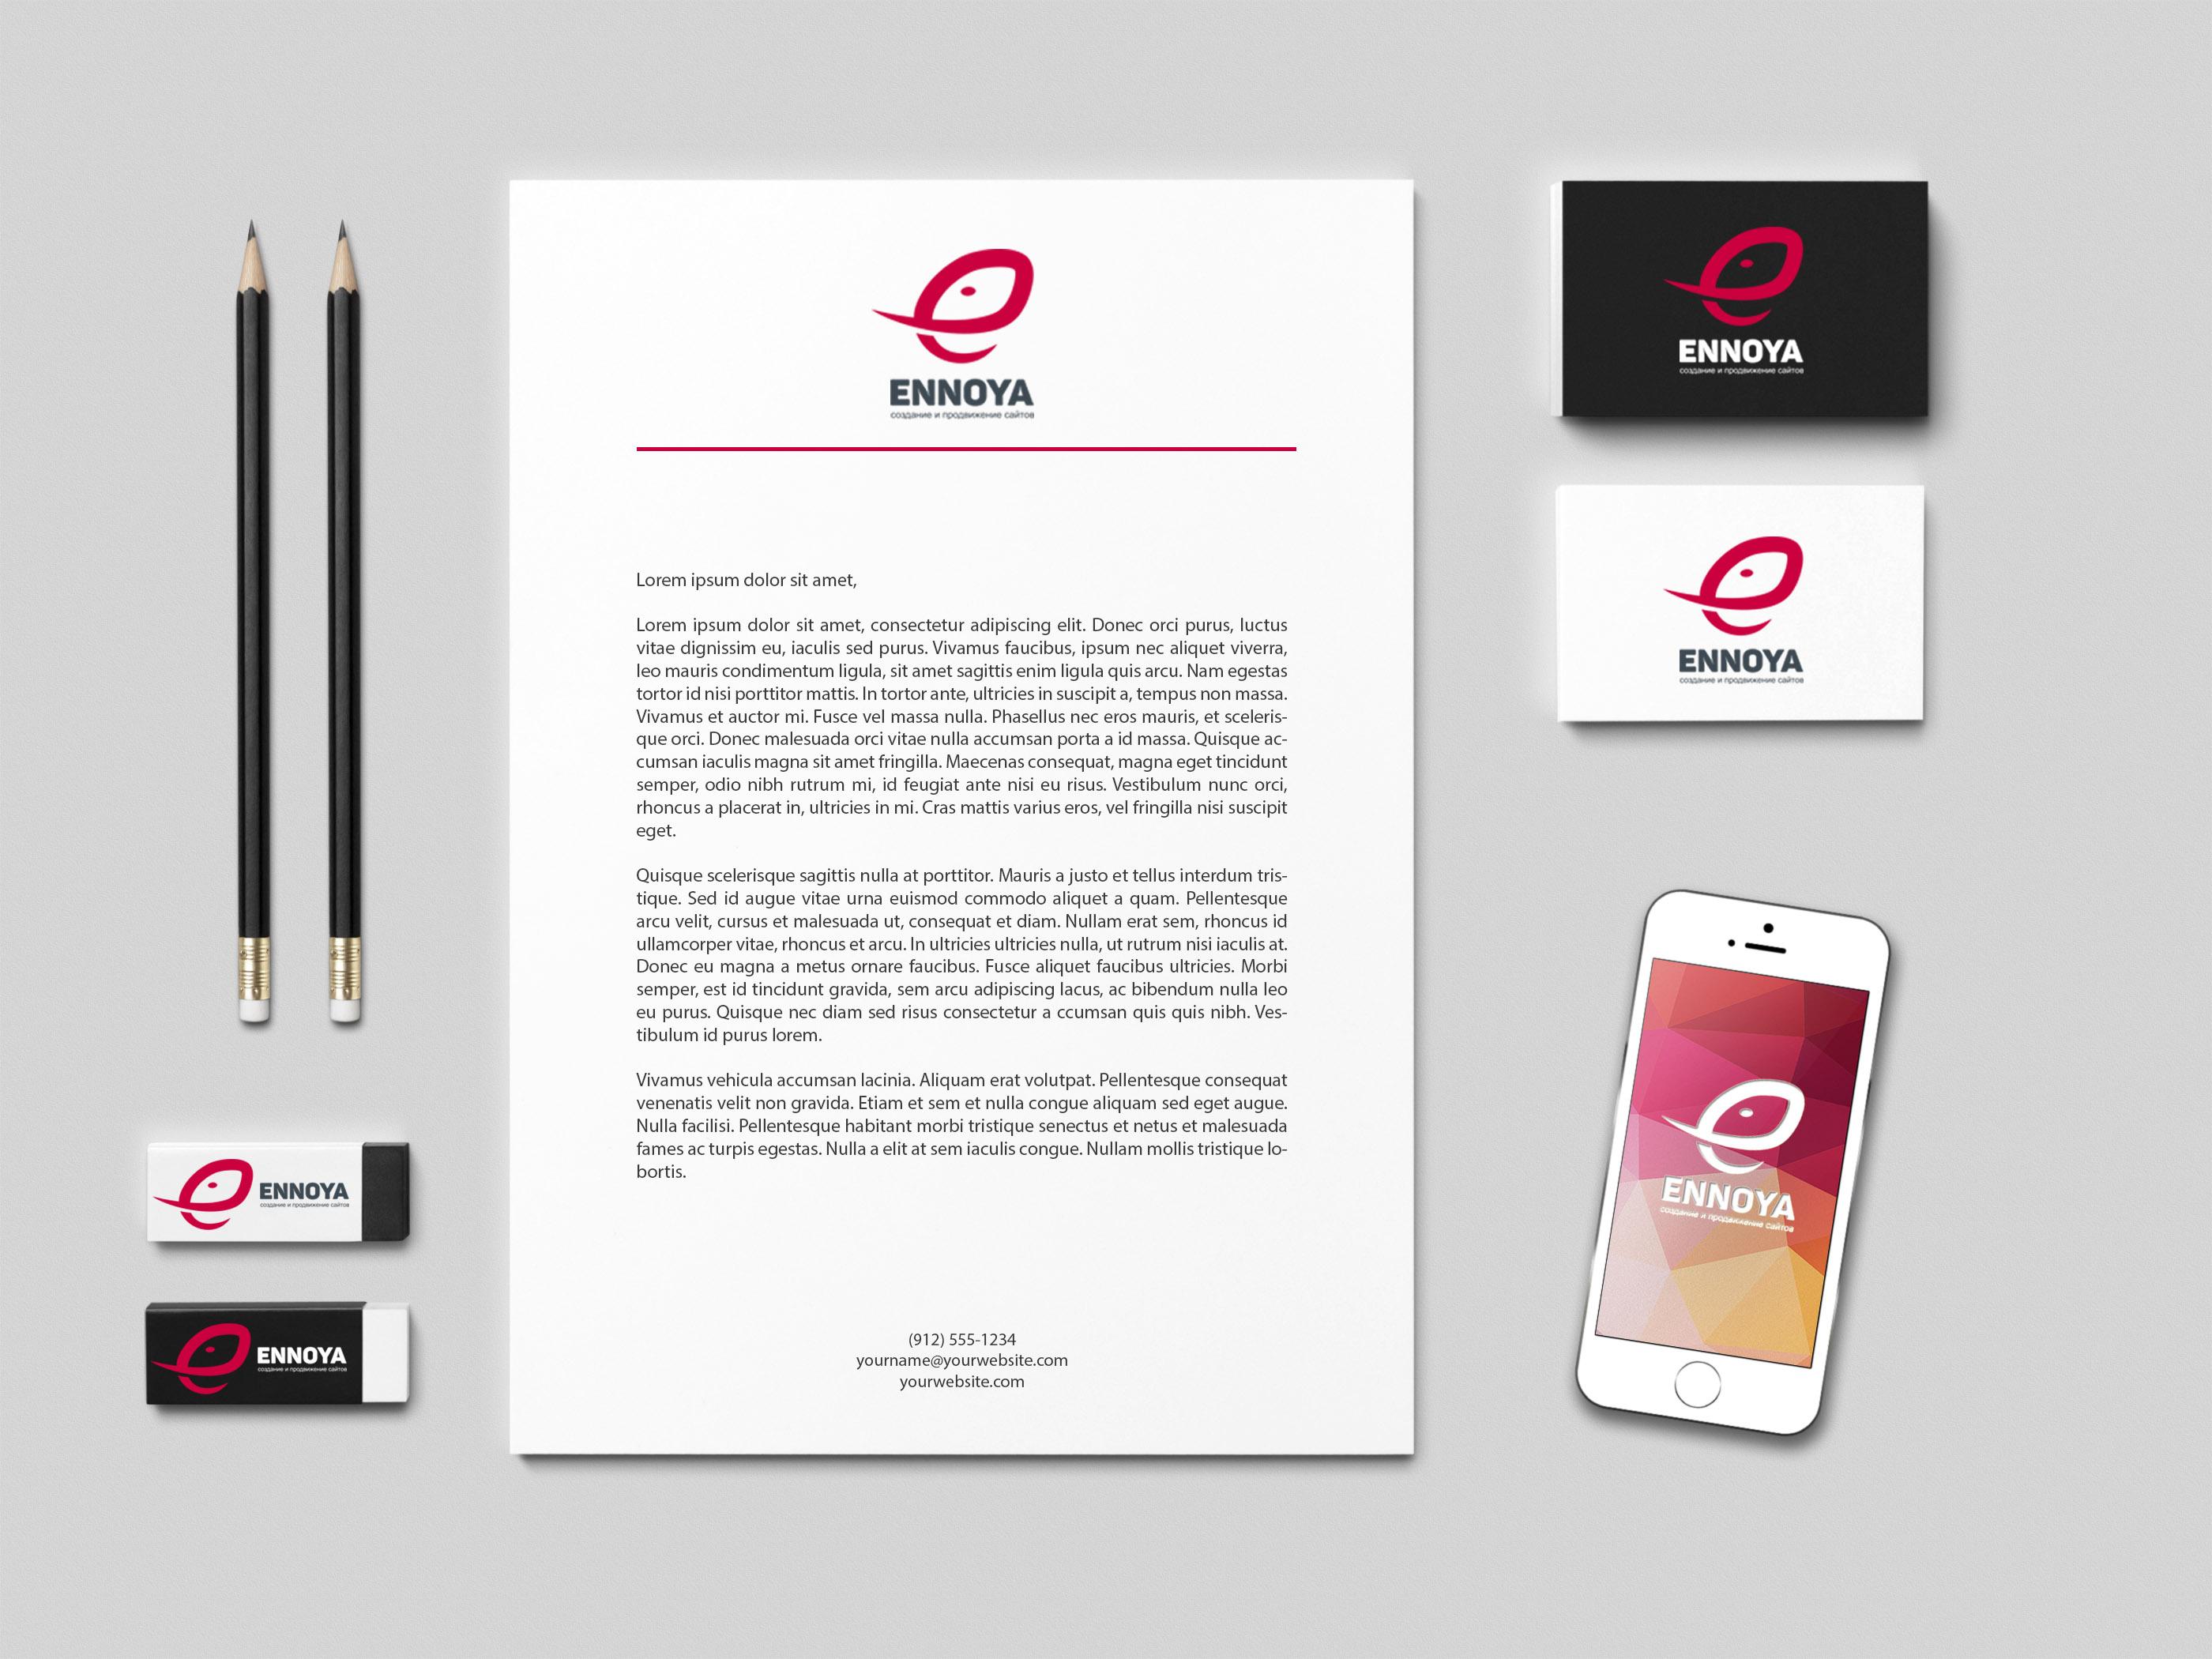 Логотип + фирменный стиль для продуктовой IT компании фото f_4295ad0866a807cf.jpg